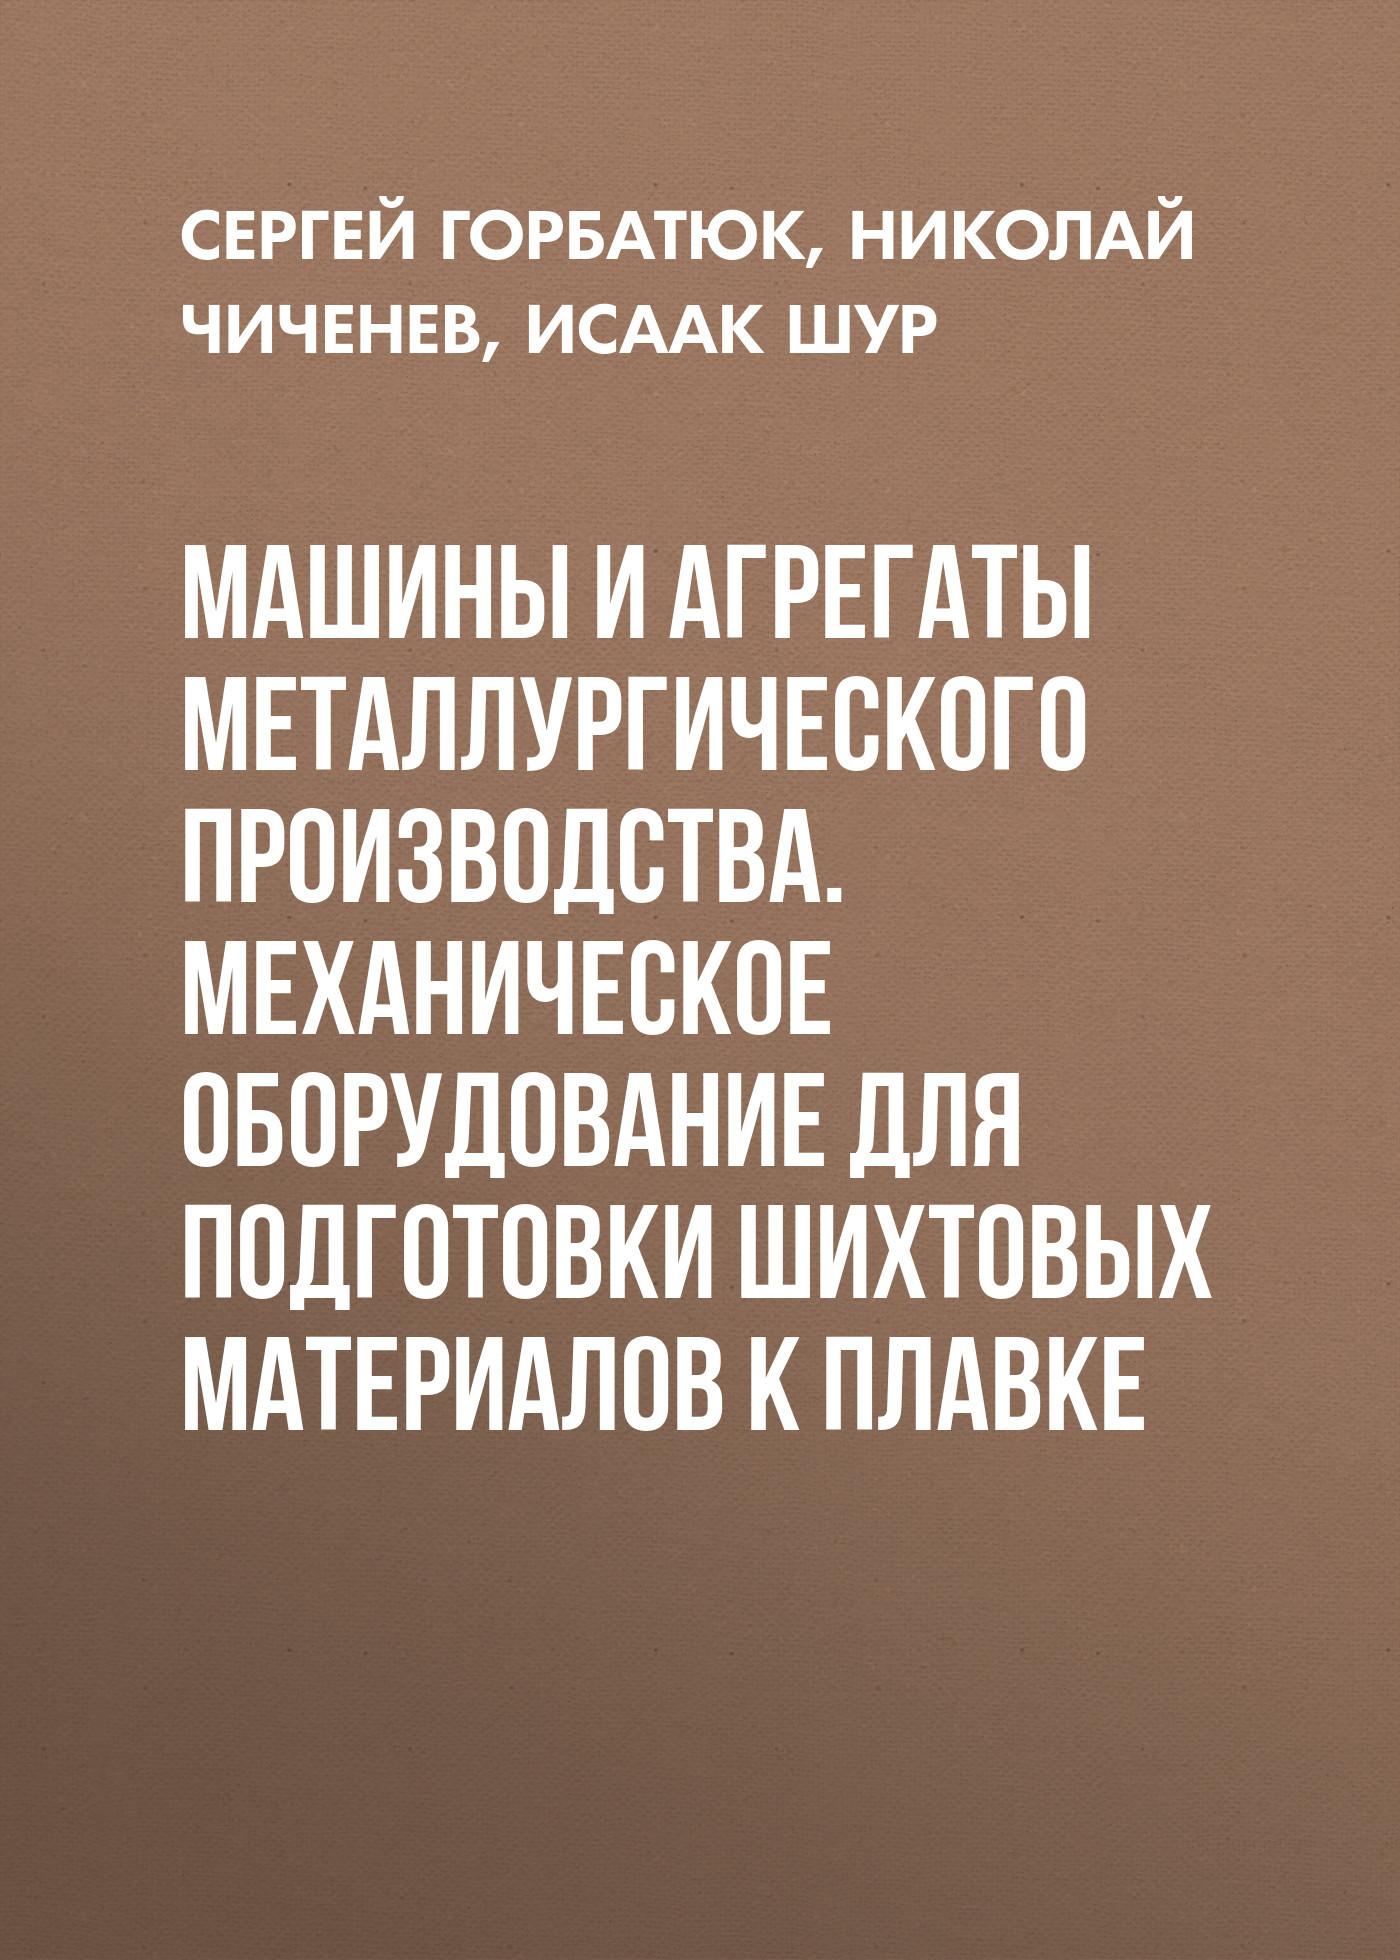 Сергей Горбатюк Машины и агрегаты металлургического производства. Механическое оборудование для подготовки шихтовых материалов к плавке